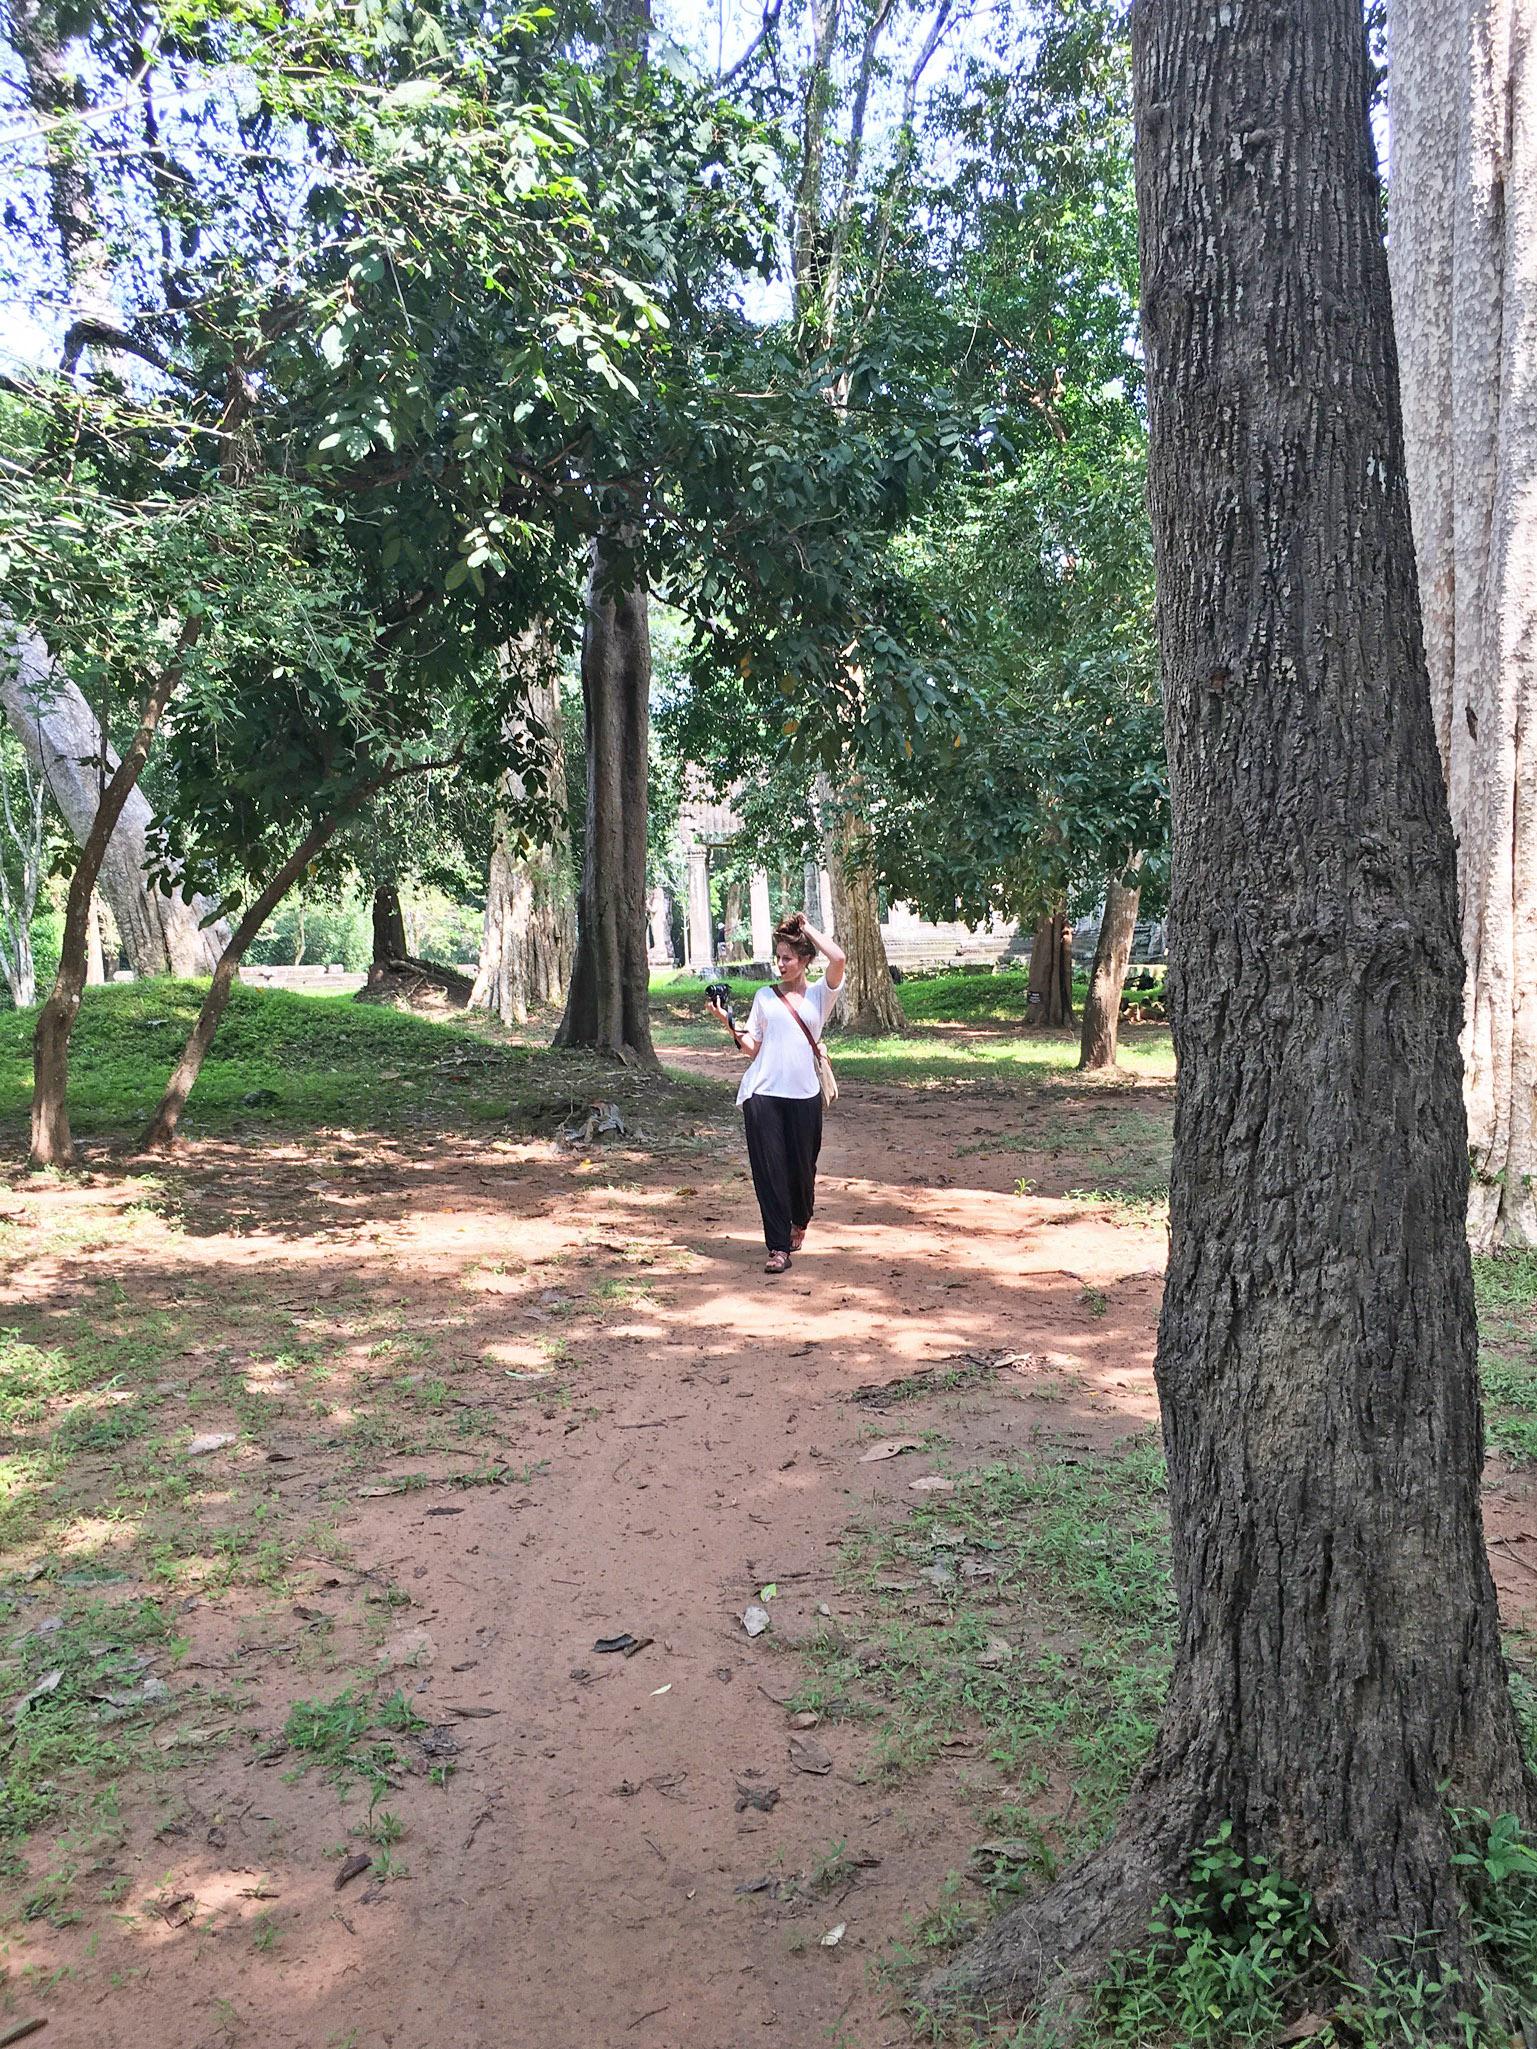 Angkor Wat Dress Code Shoes